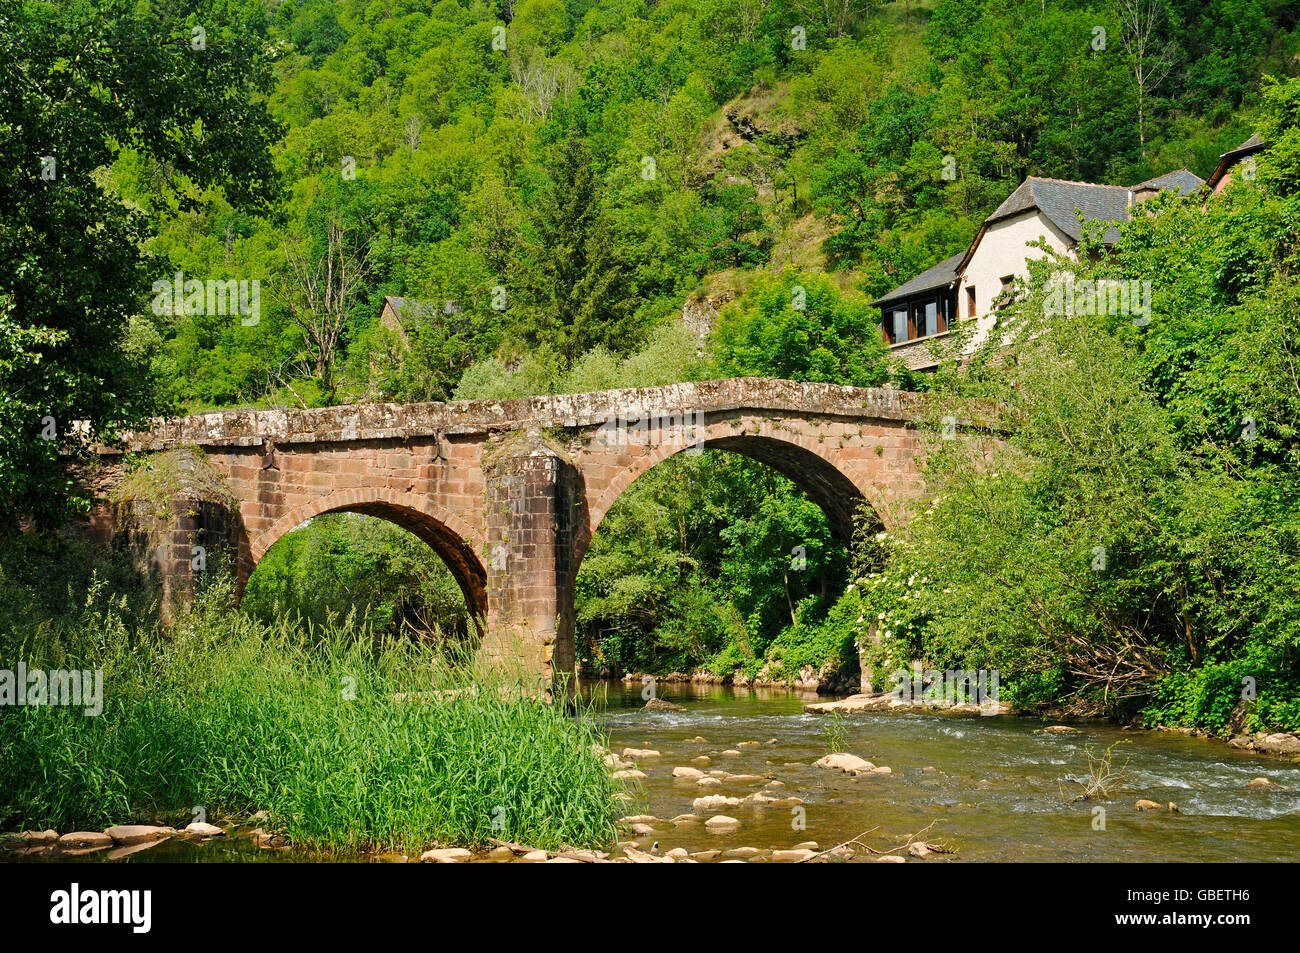 Pont sur le Dourdou, Conques, Way of St James, Departement Aveyron, Midi-Pyrenees, France / pilgrim's bridge - Stock Image